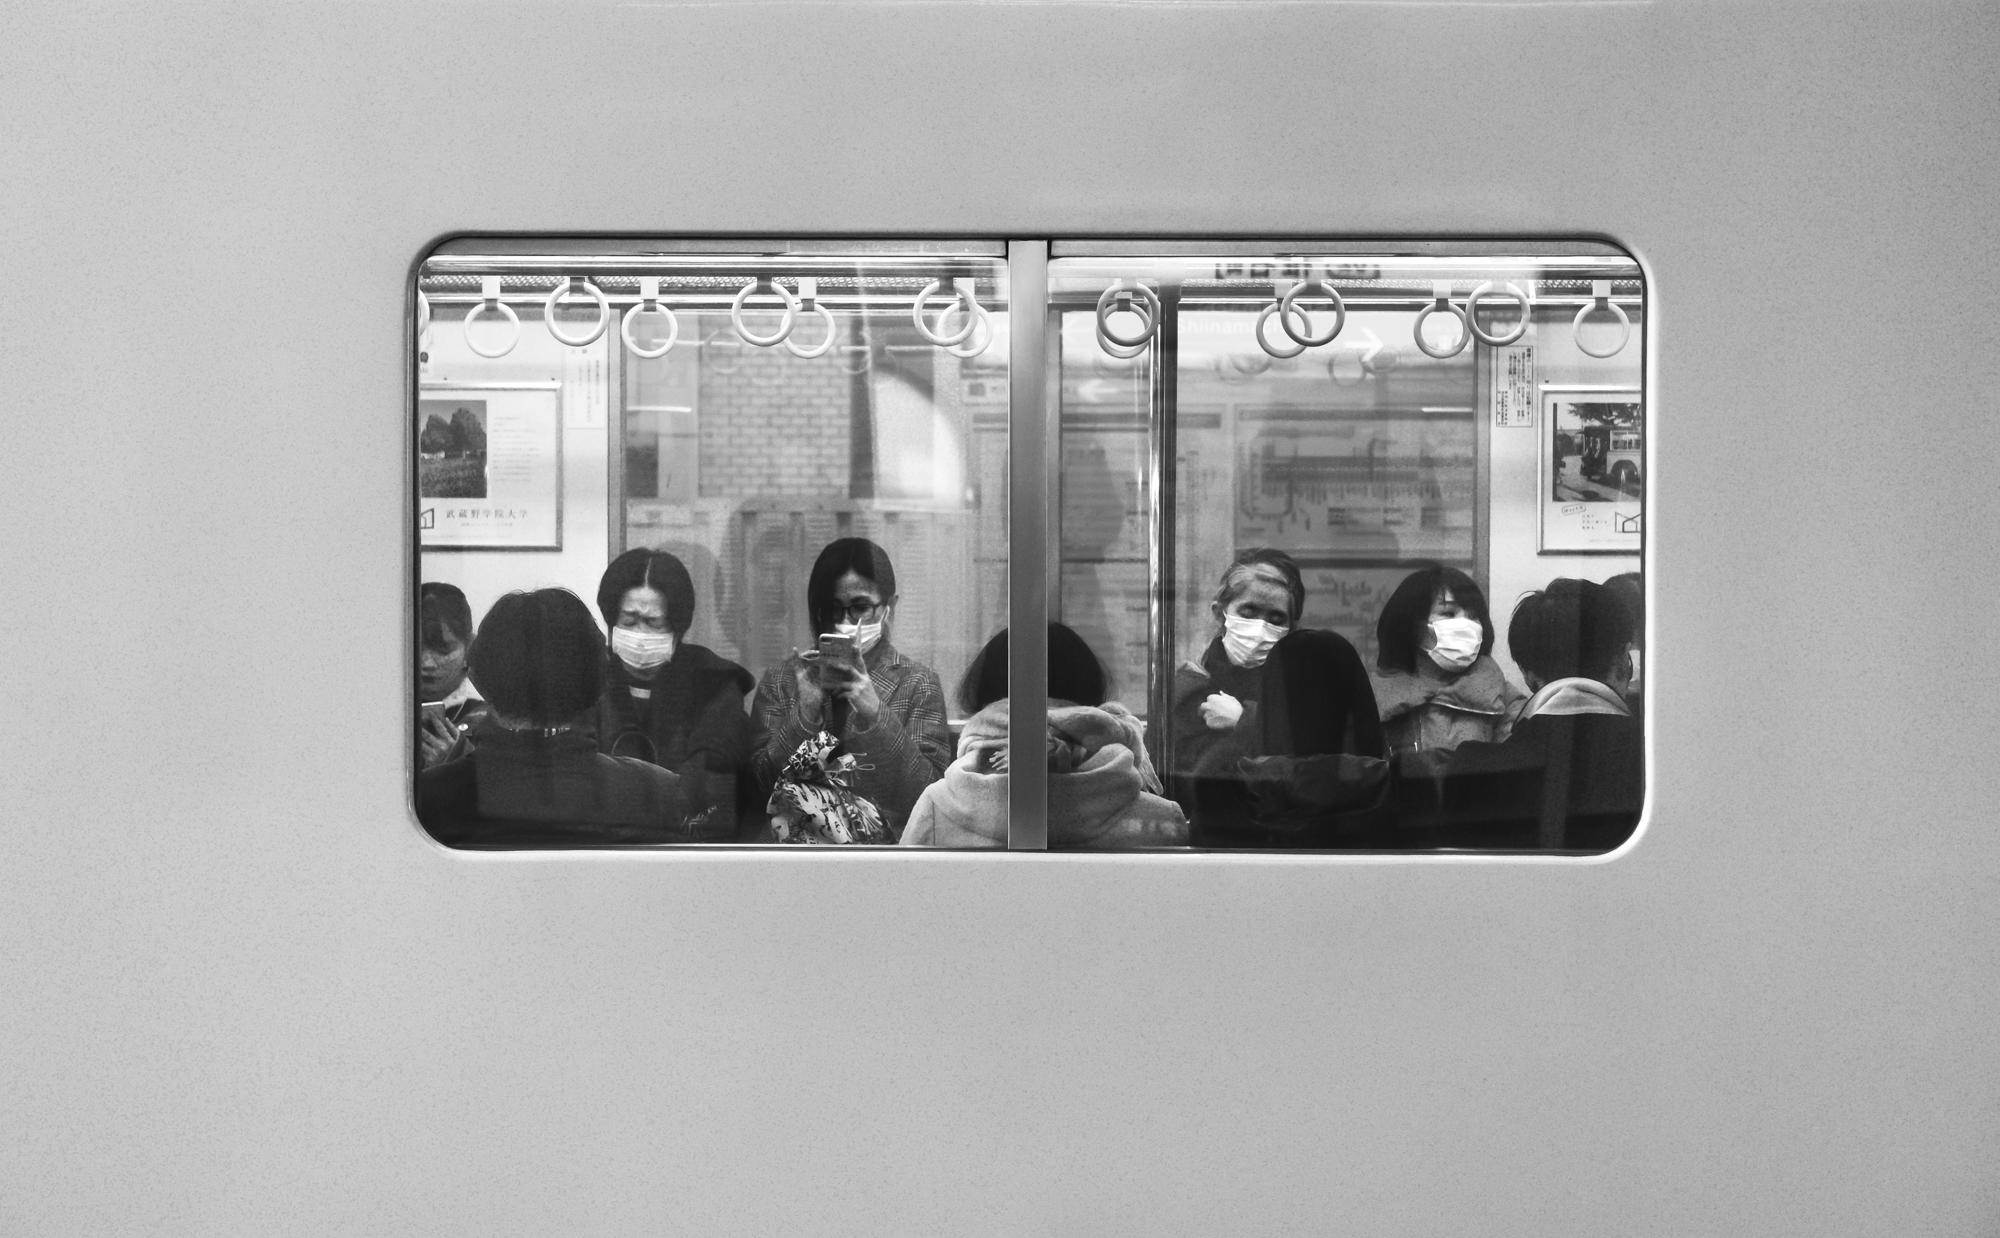 Tokyo19-740-2.jpg